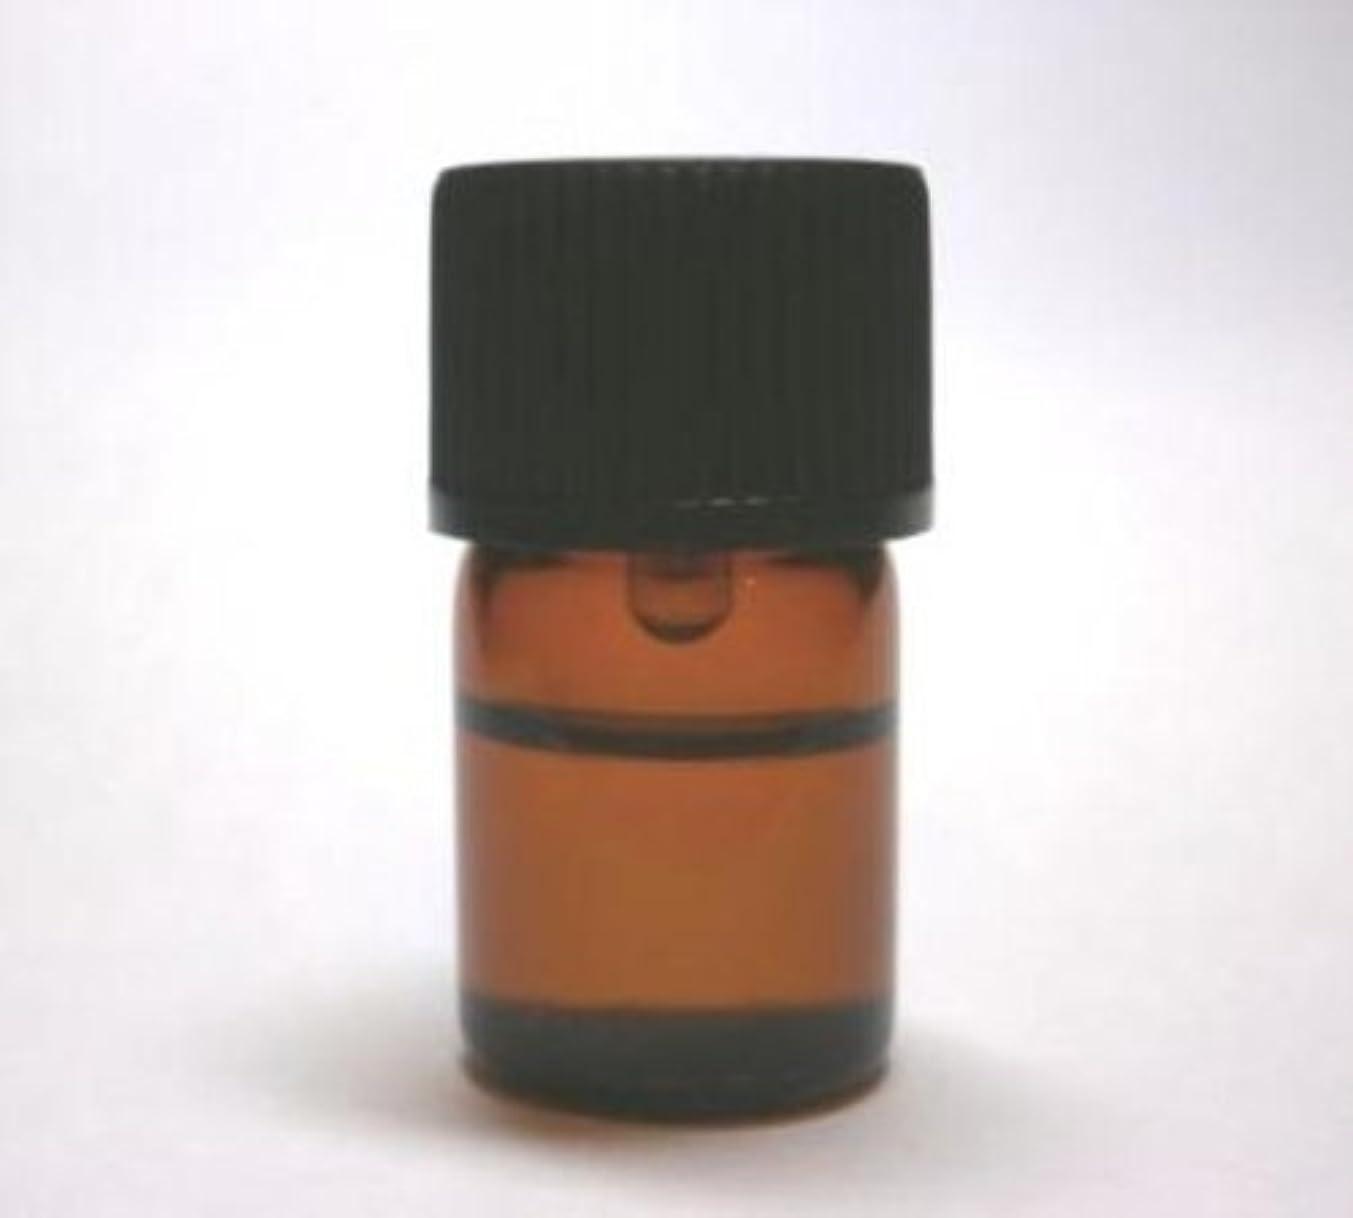 検出する備品感情のローズオットー100%:3ml/ローズエッセンシャルオイル/ローズ精油/ローズオイル